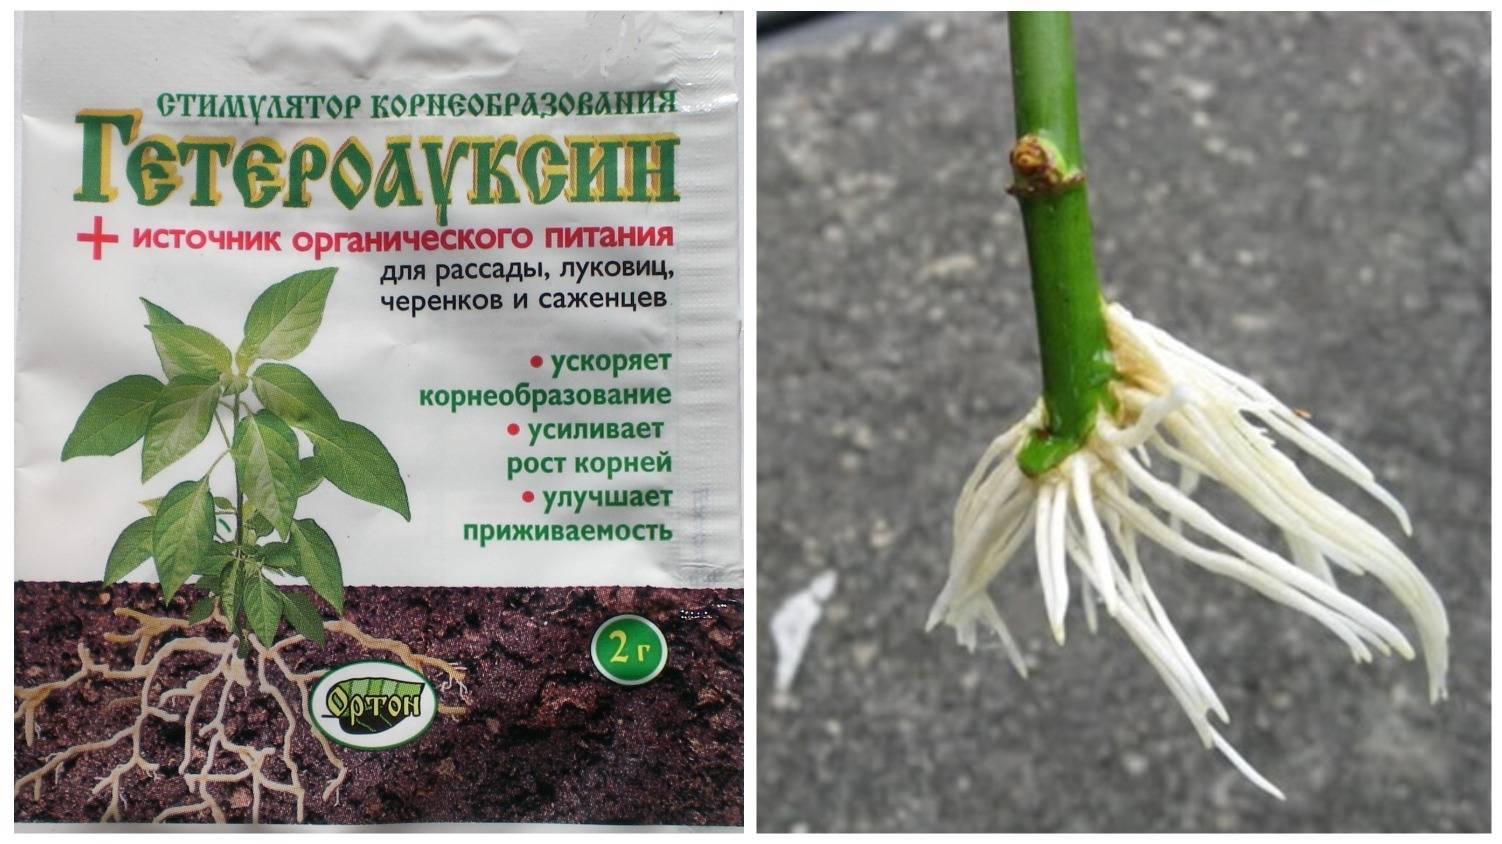 Устраняем последствия неправильного ухода за орхидеей: как нарастить корни у фаленопсиса?